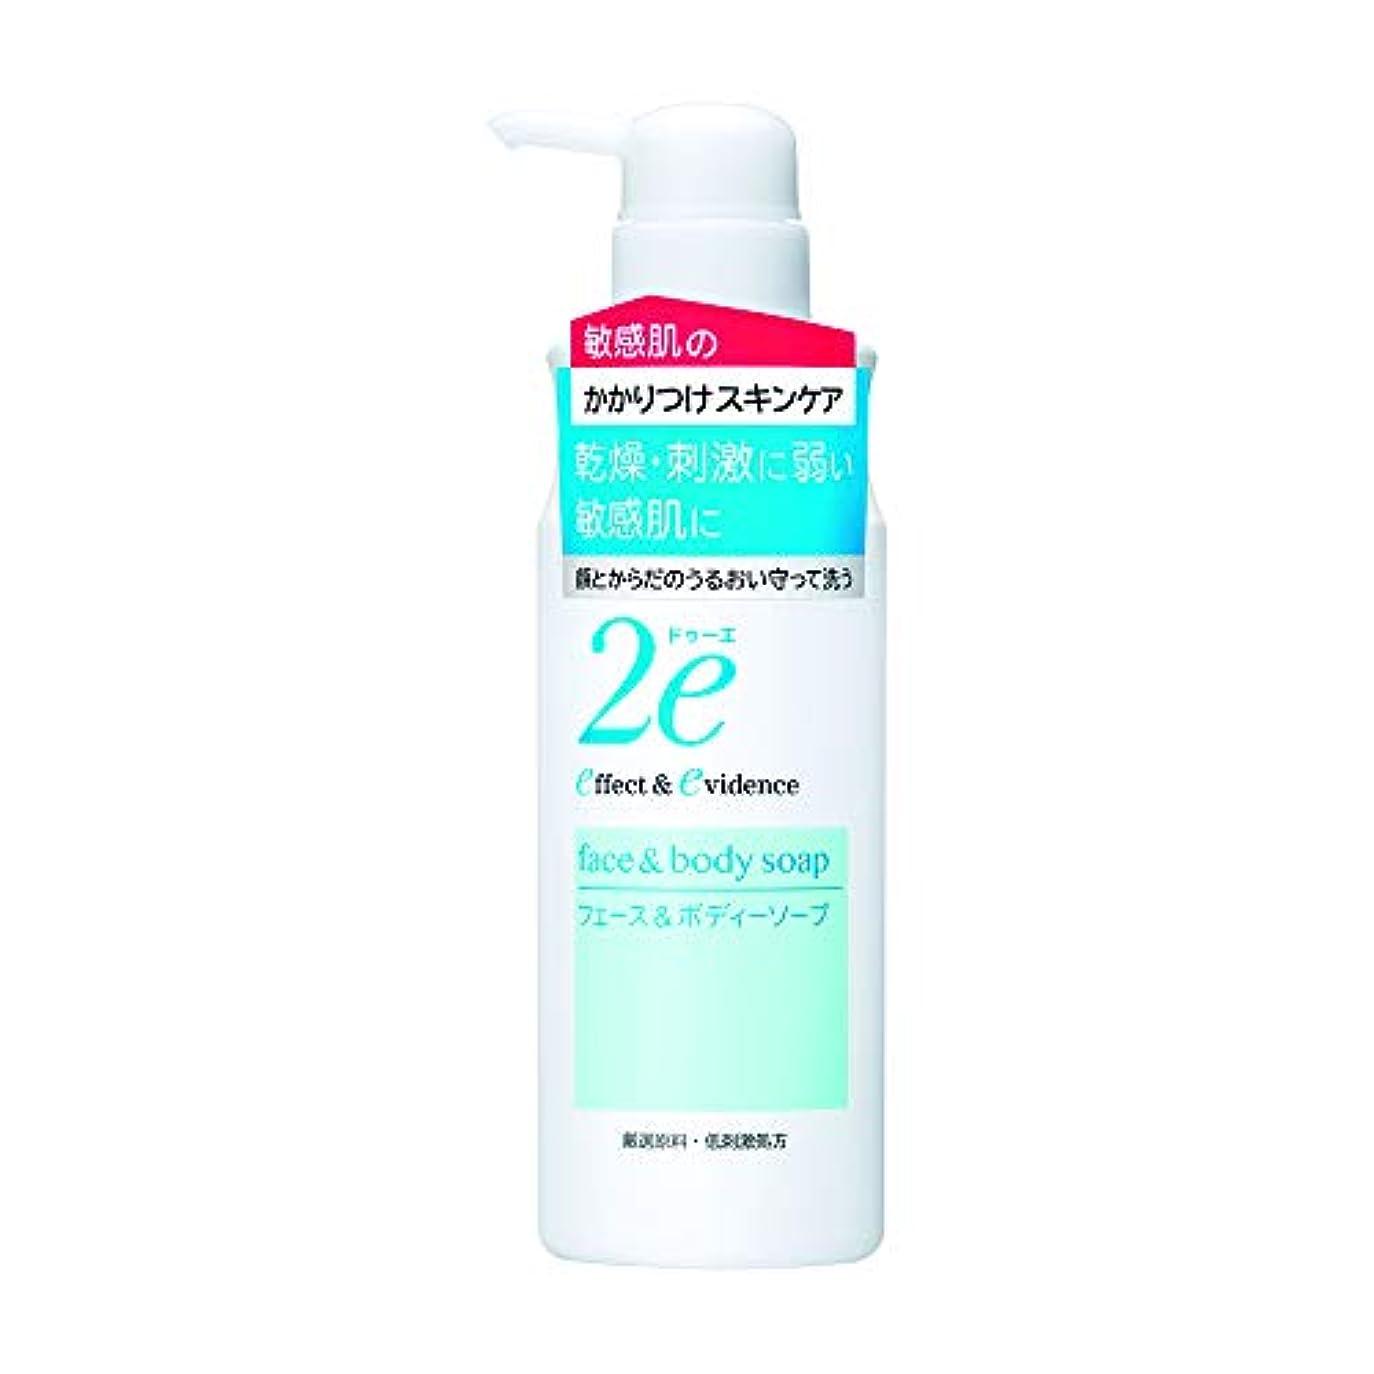 月イソギンチャク税金2e(ドゥーエ) フェース&ボディーソープ 敏感肌用洗浄料 低刺激処方 420ml ボディソープ